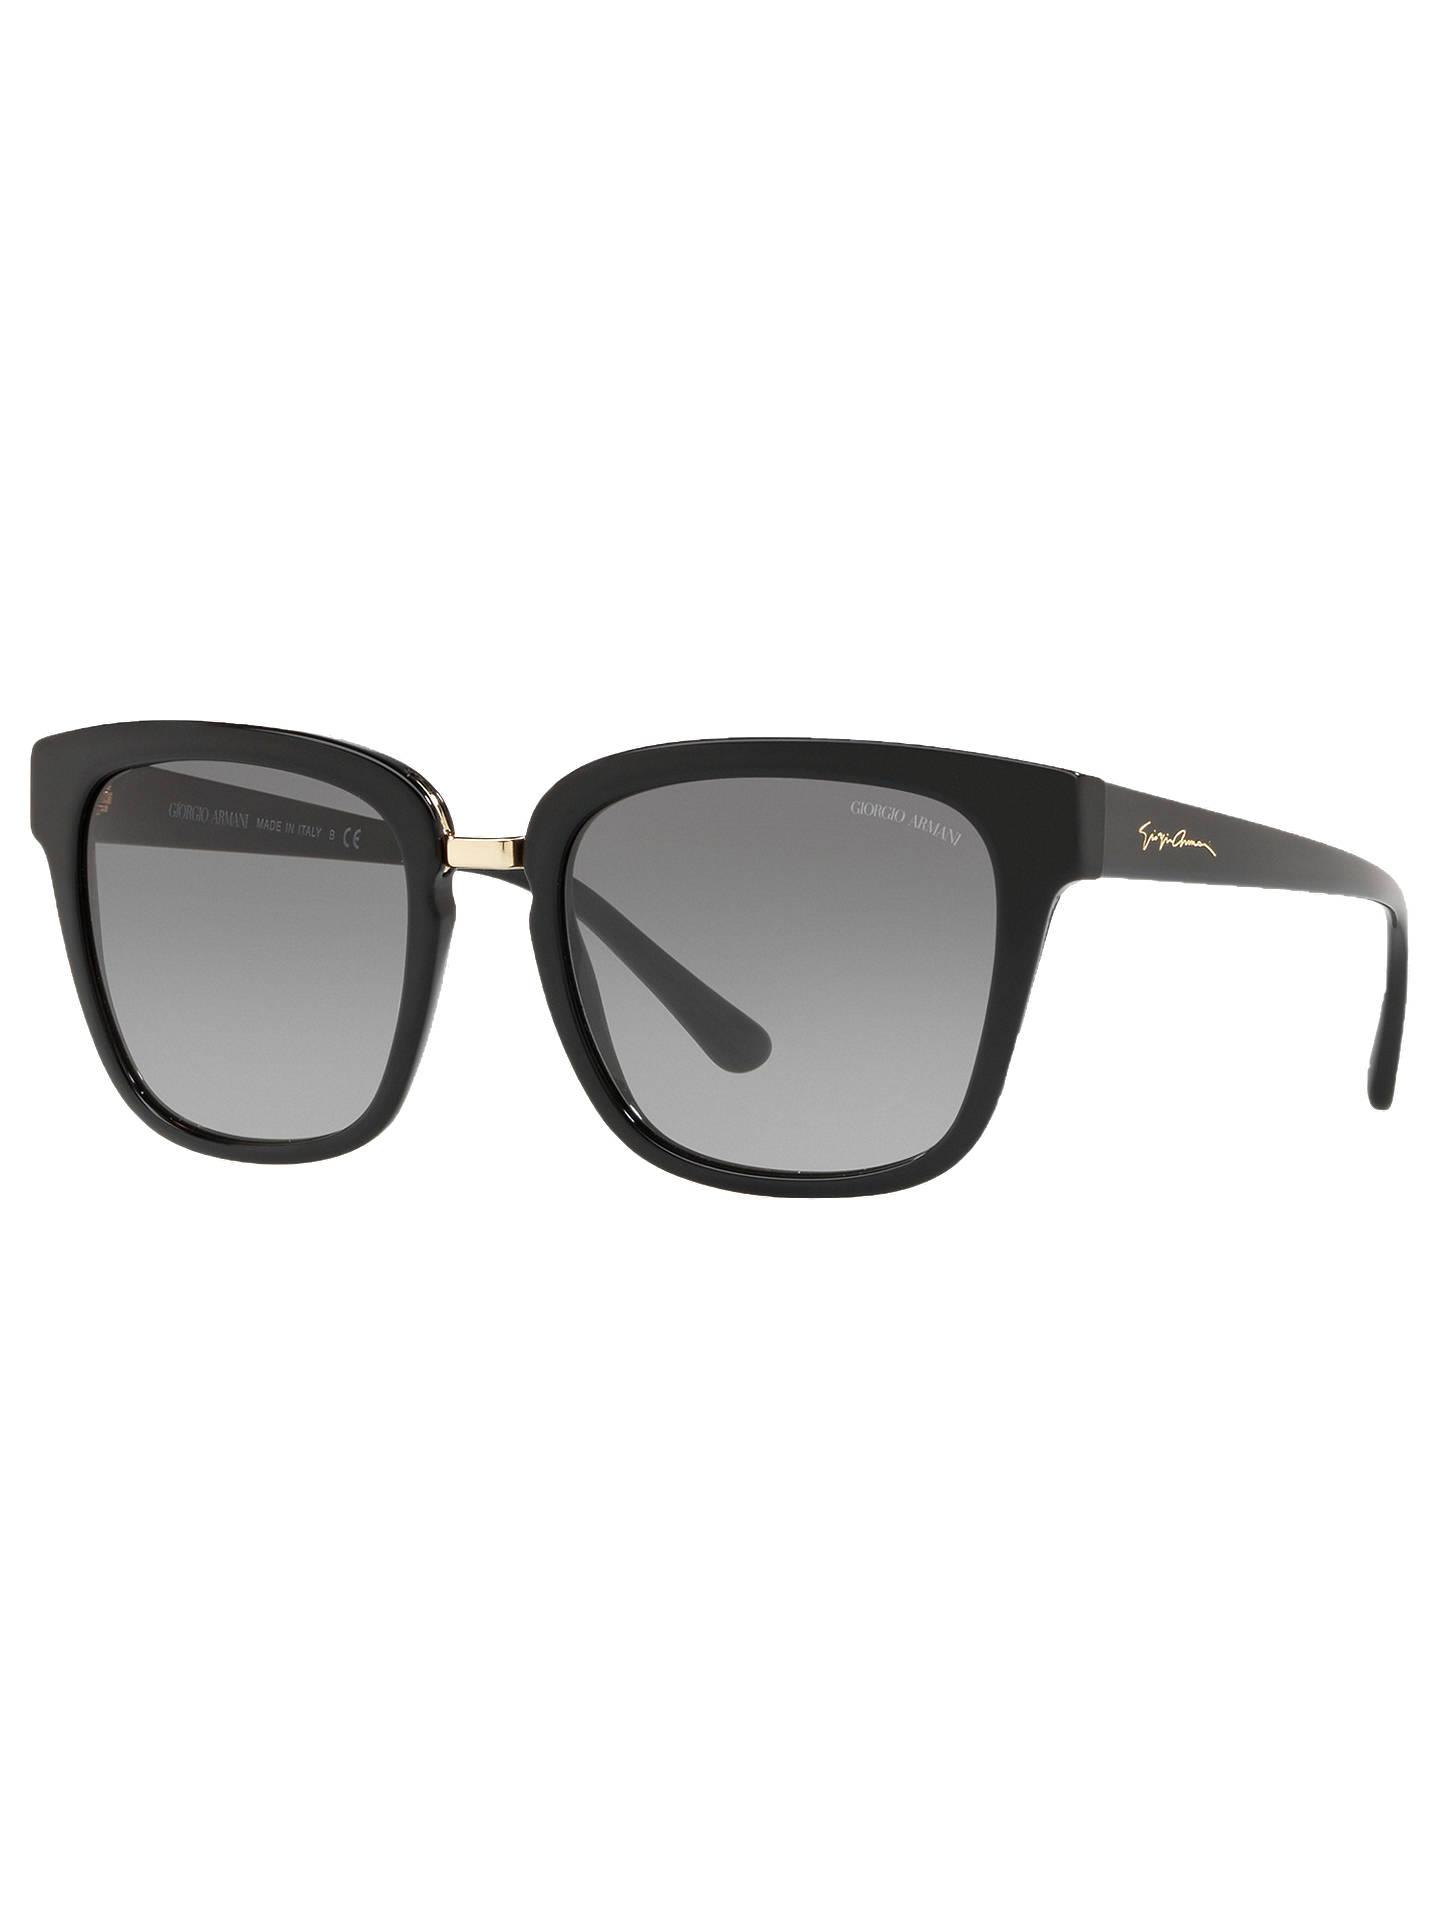 34a0e59a9a85 Giorgio Armani AR8106 Women s Square Sunglasses at John Lewis   Partners